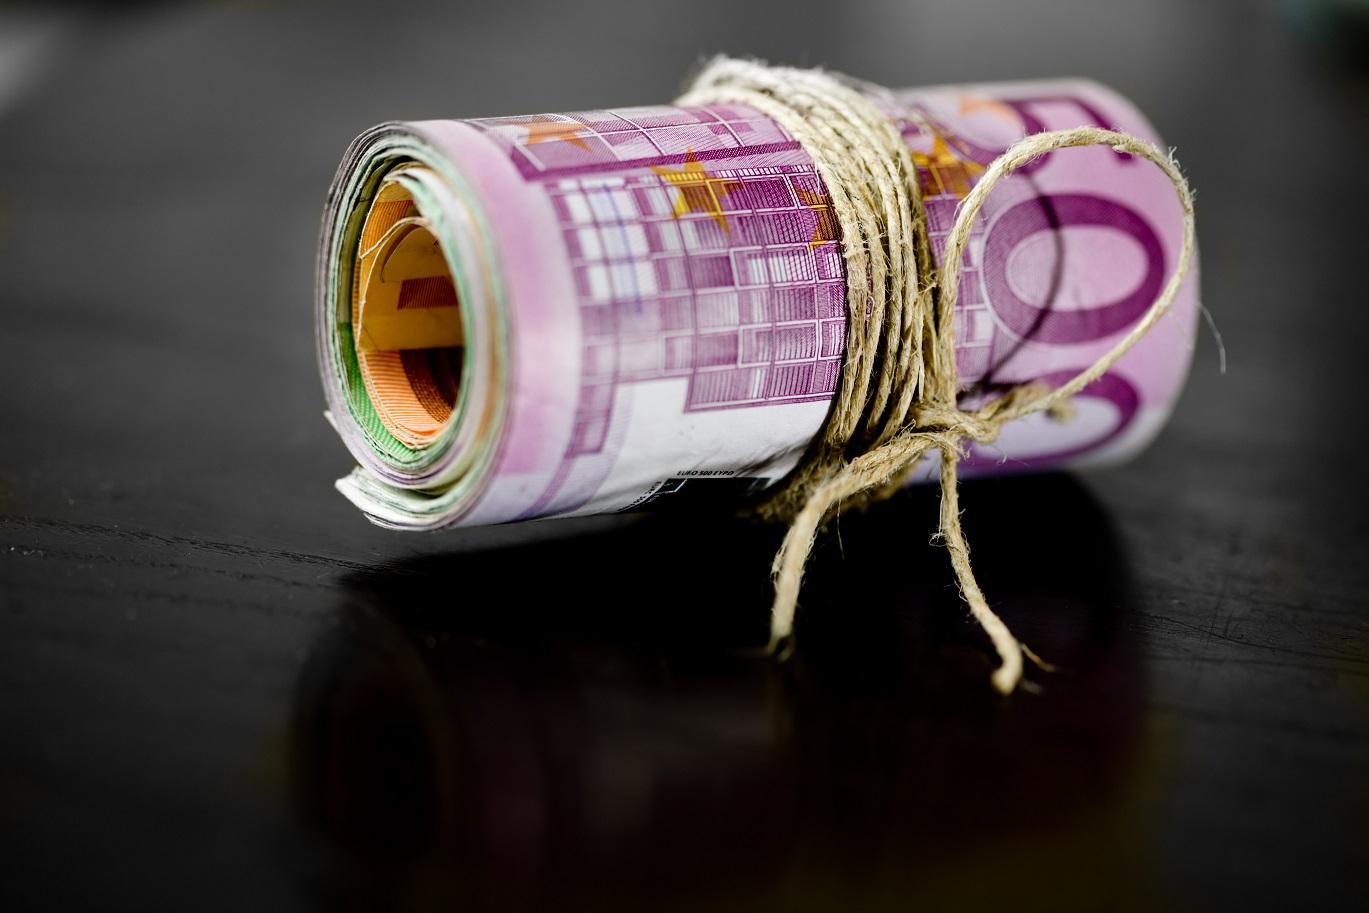 vippiä 100 euroa